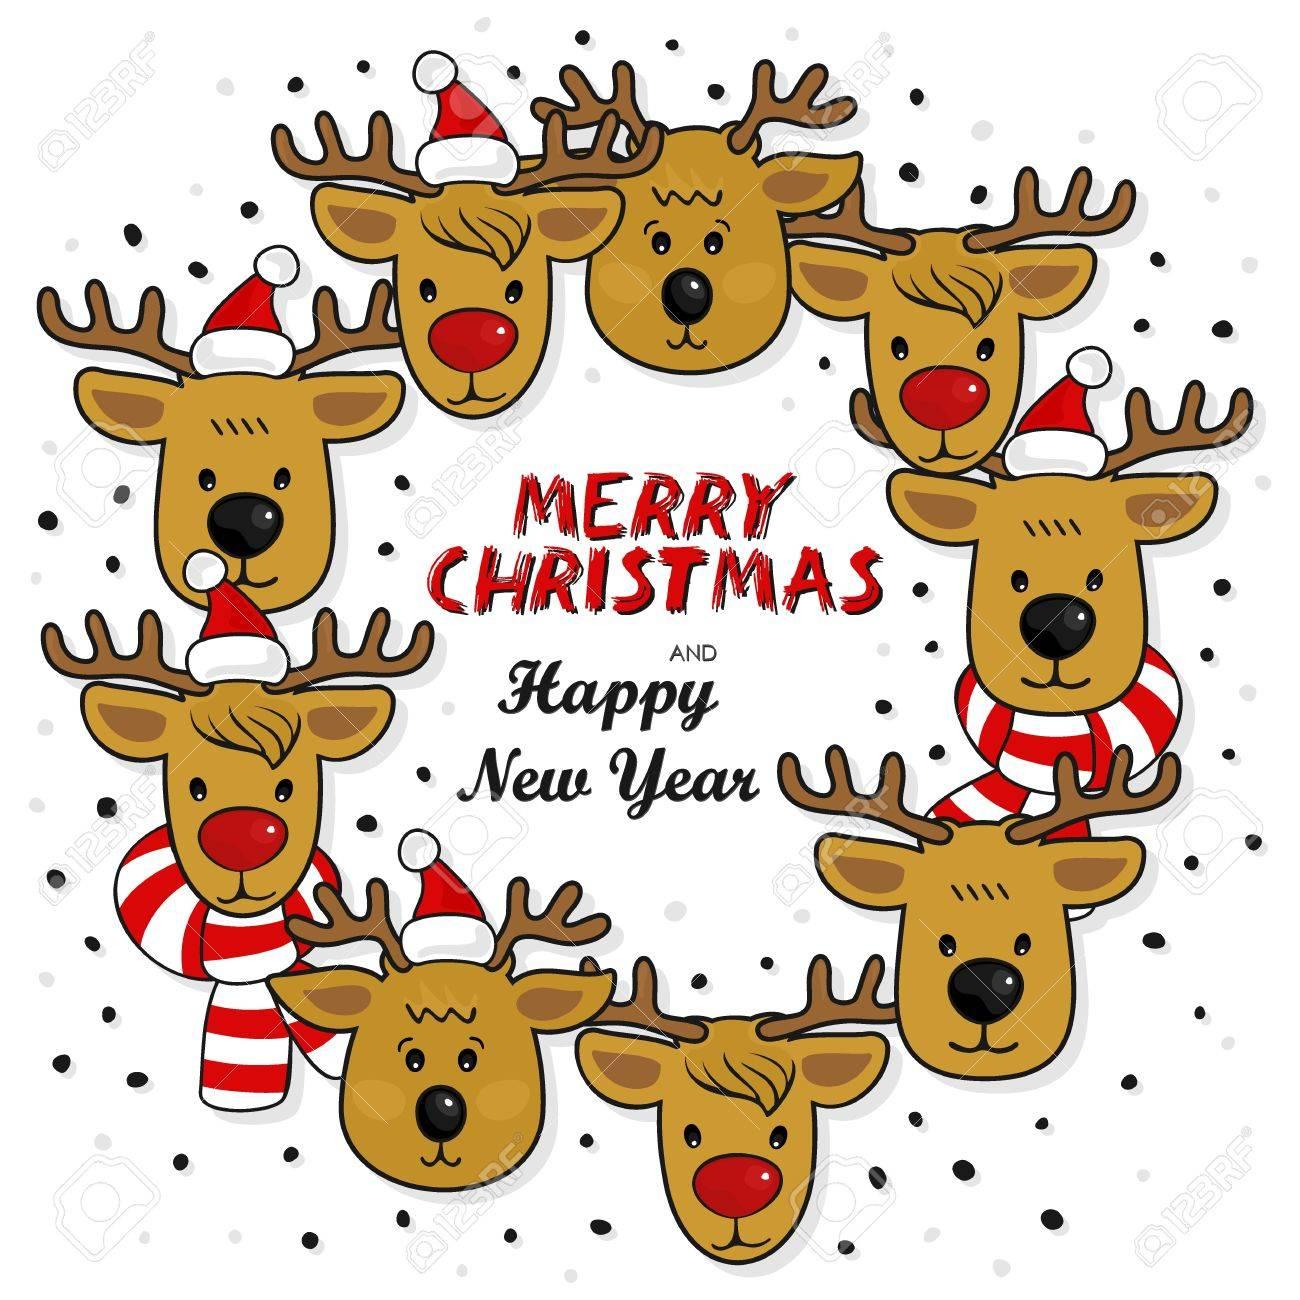 Weihnachten und neujahr englisch